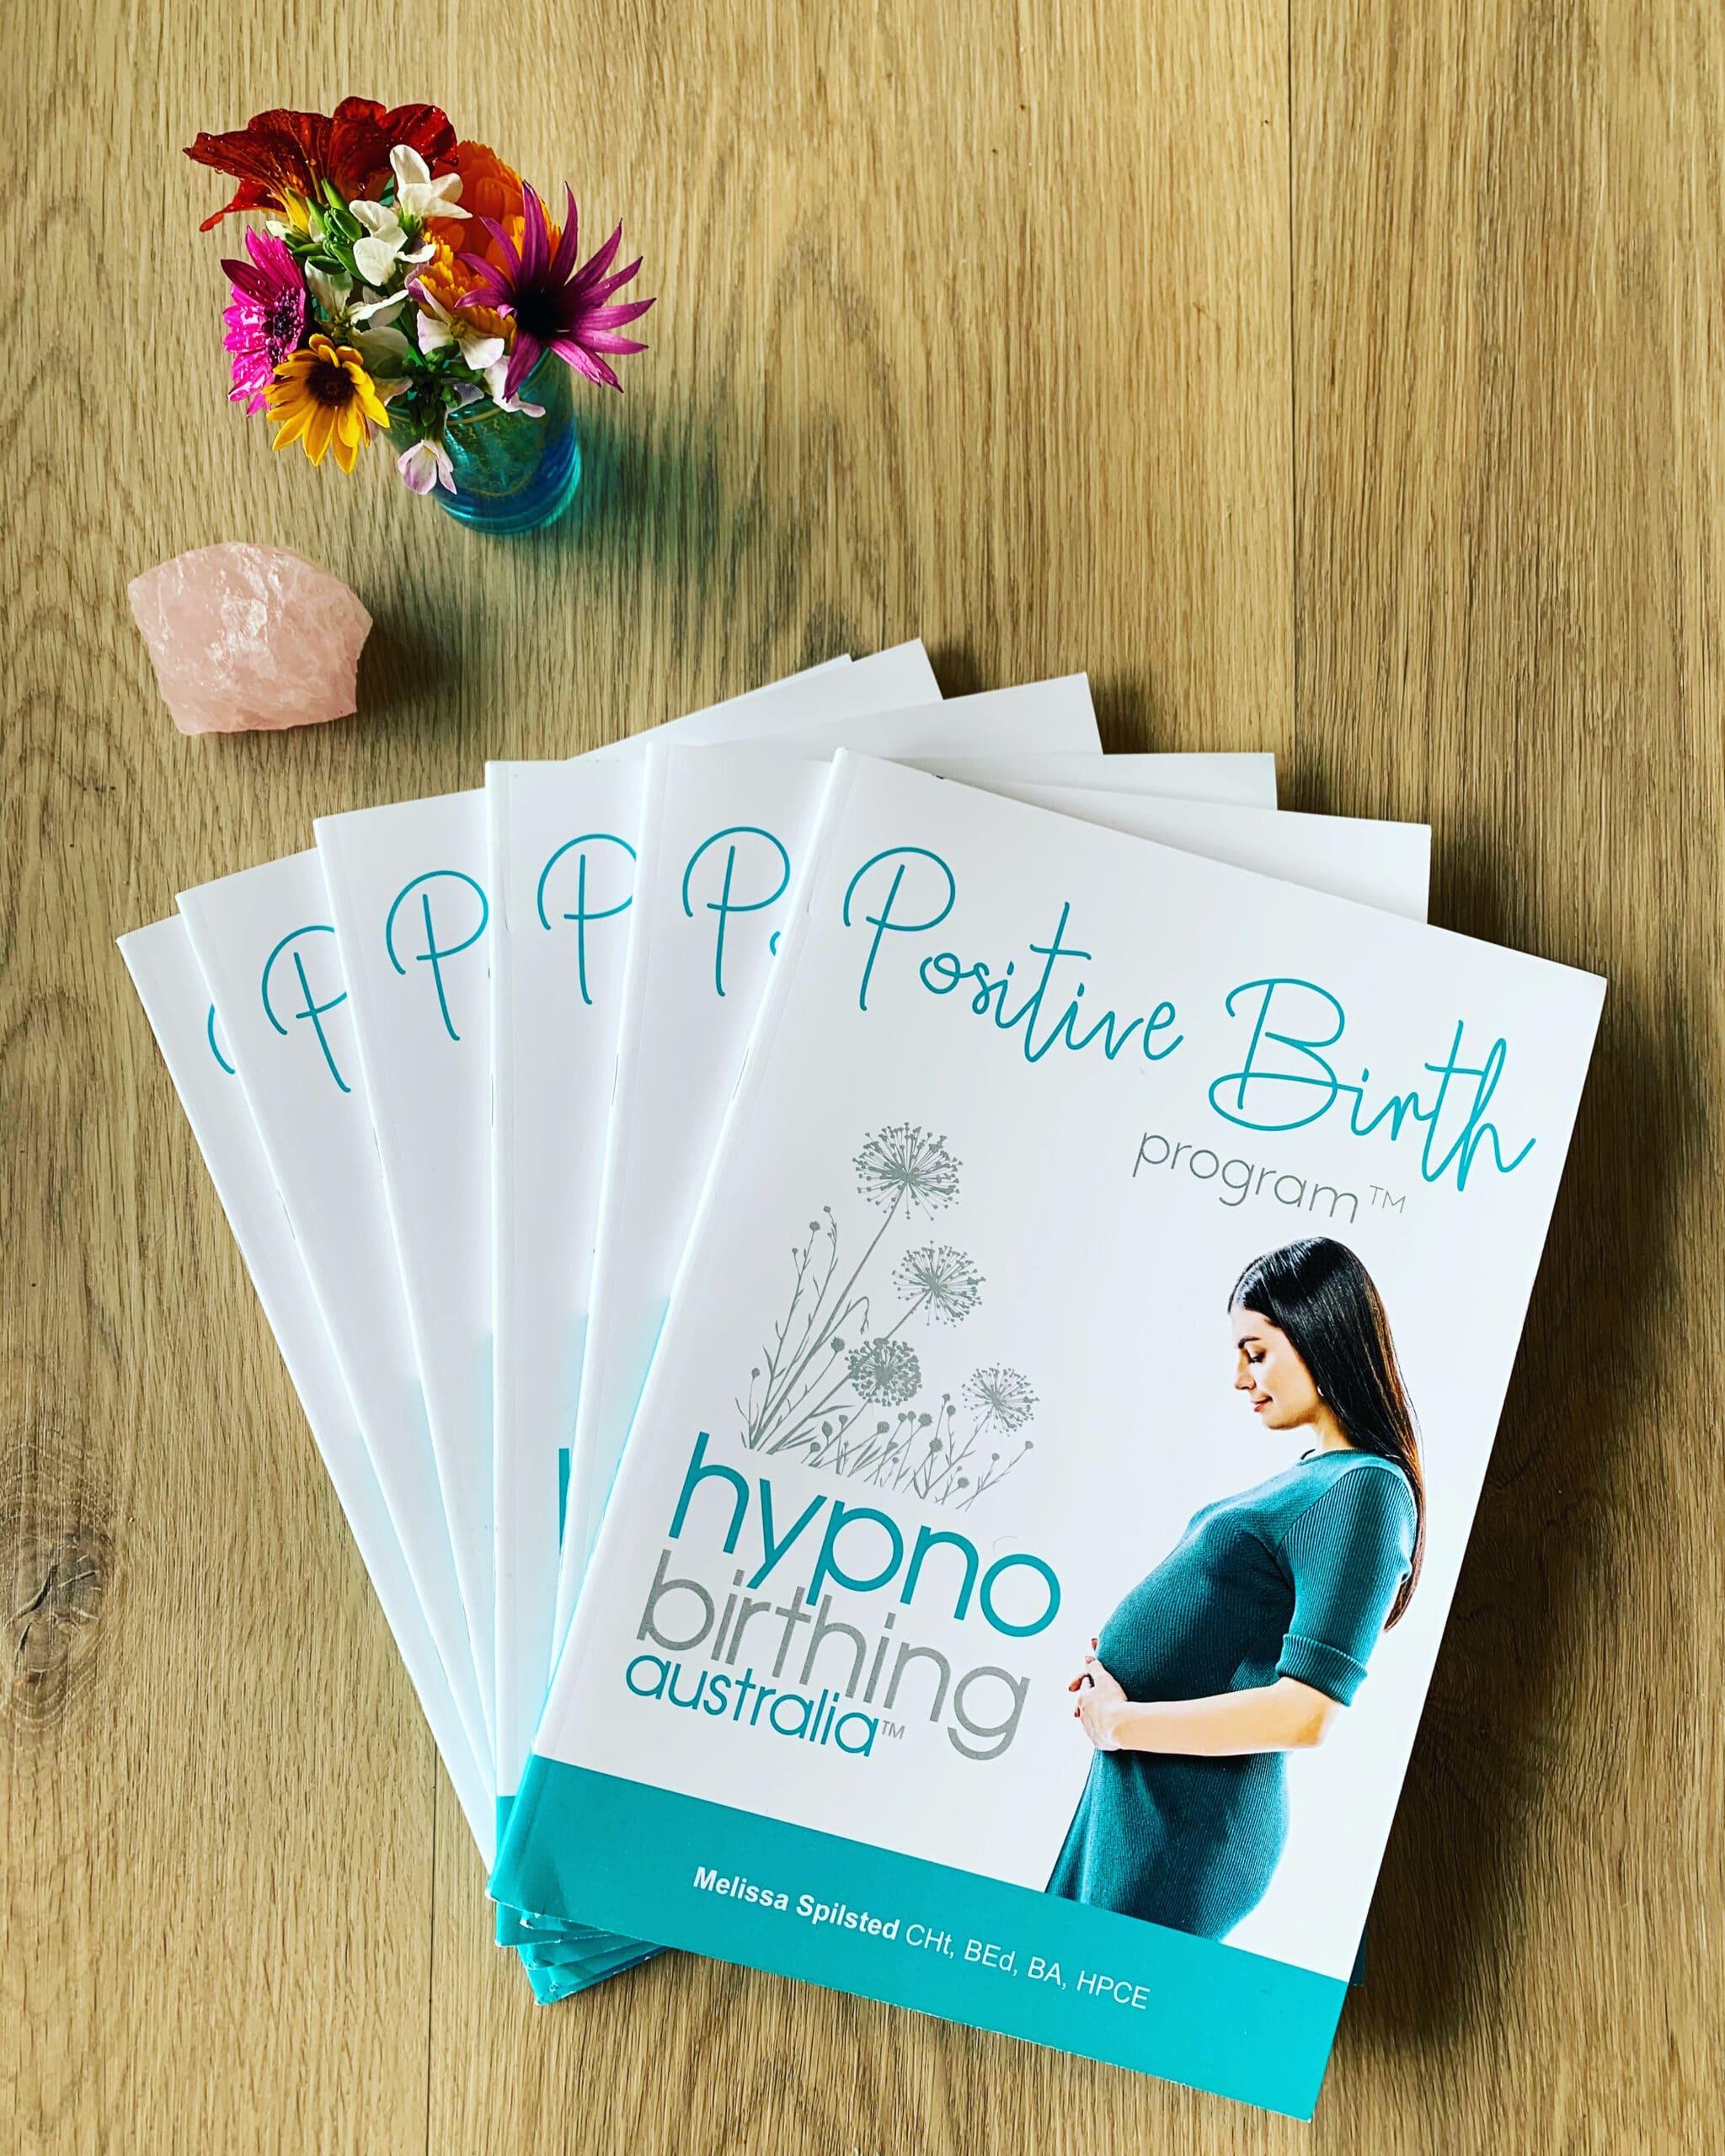 Hypnobirthing Australia program booklet